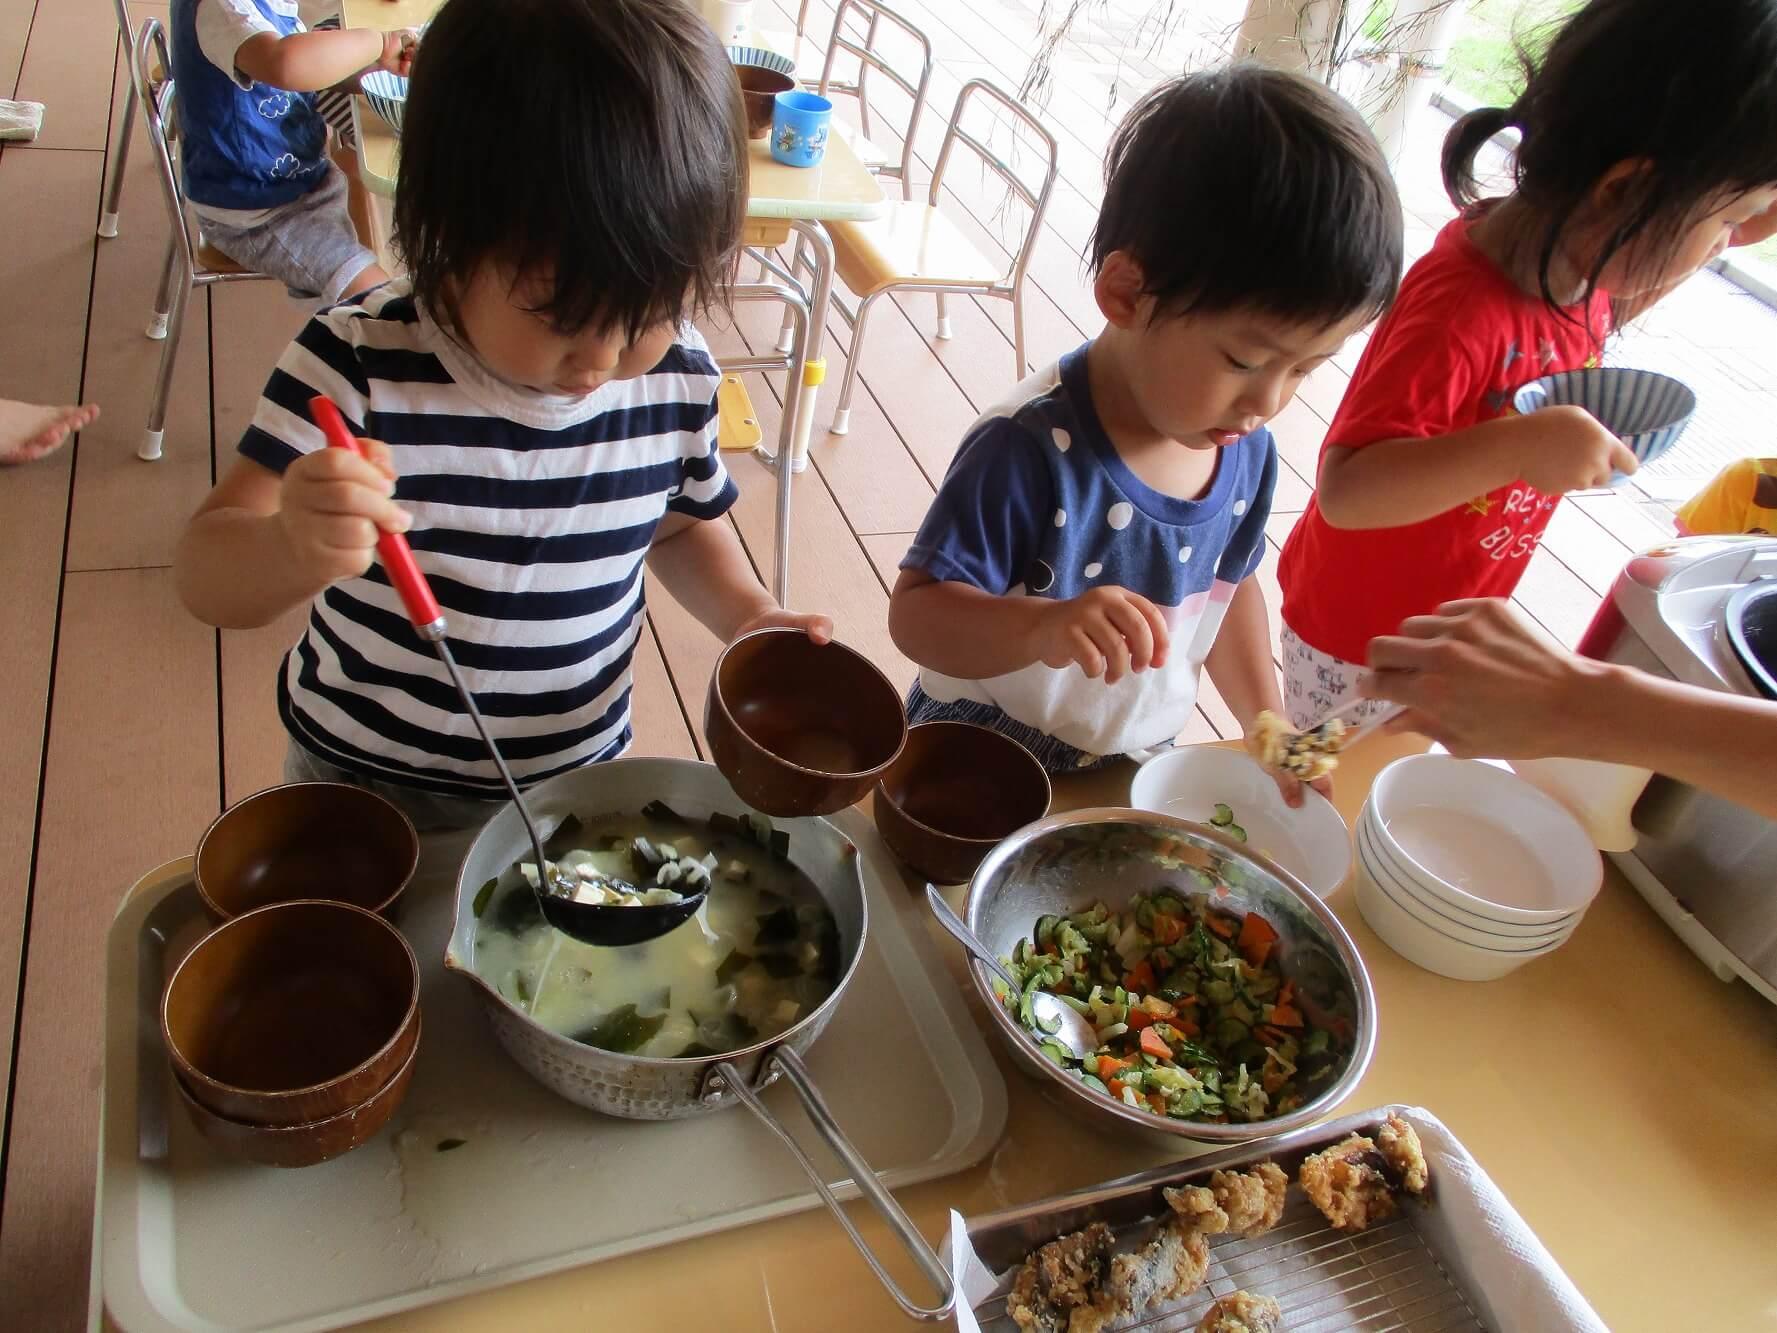 調理への参加が食べる意欲を育んでいる